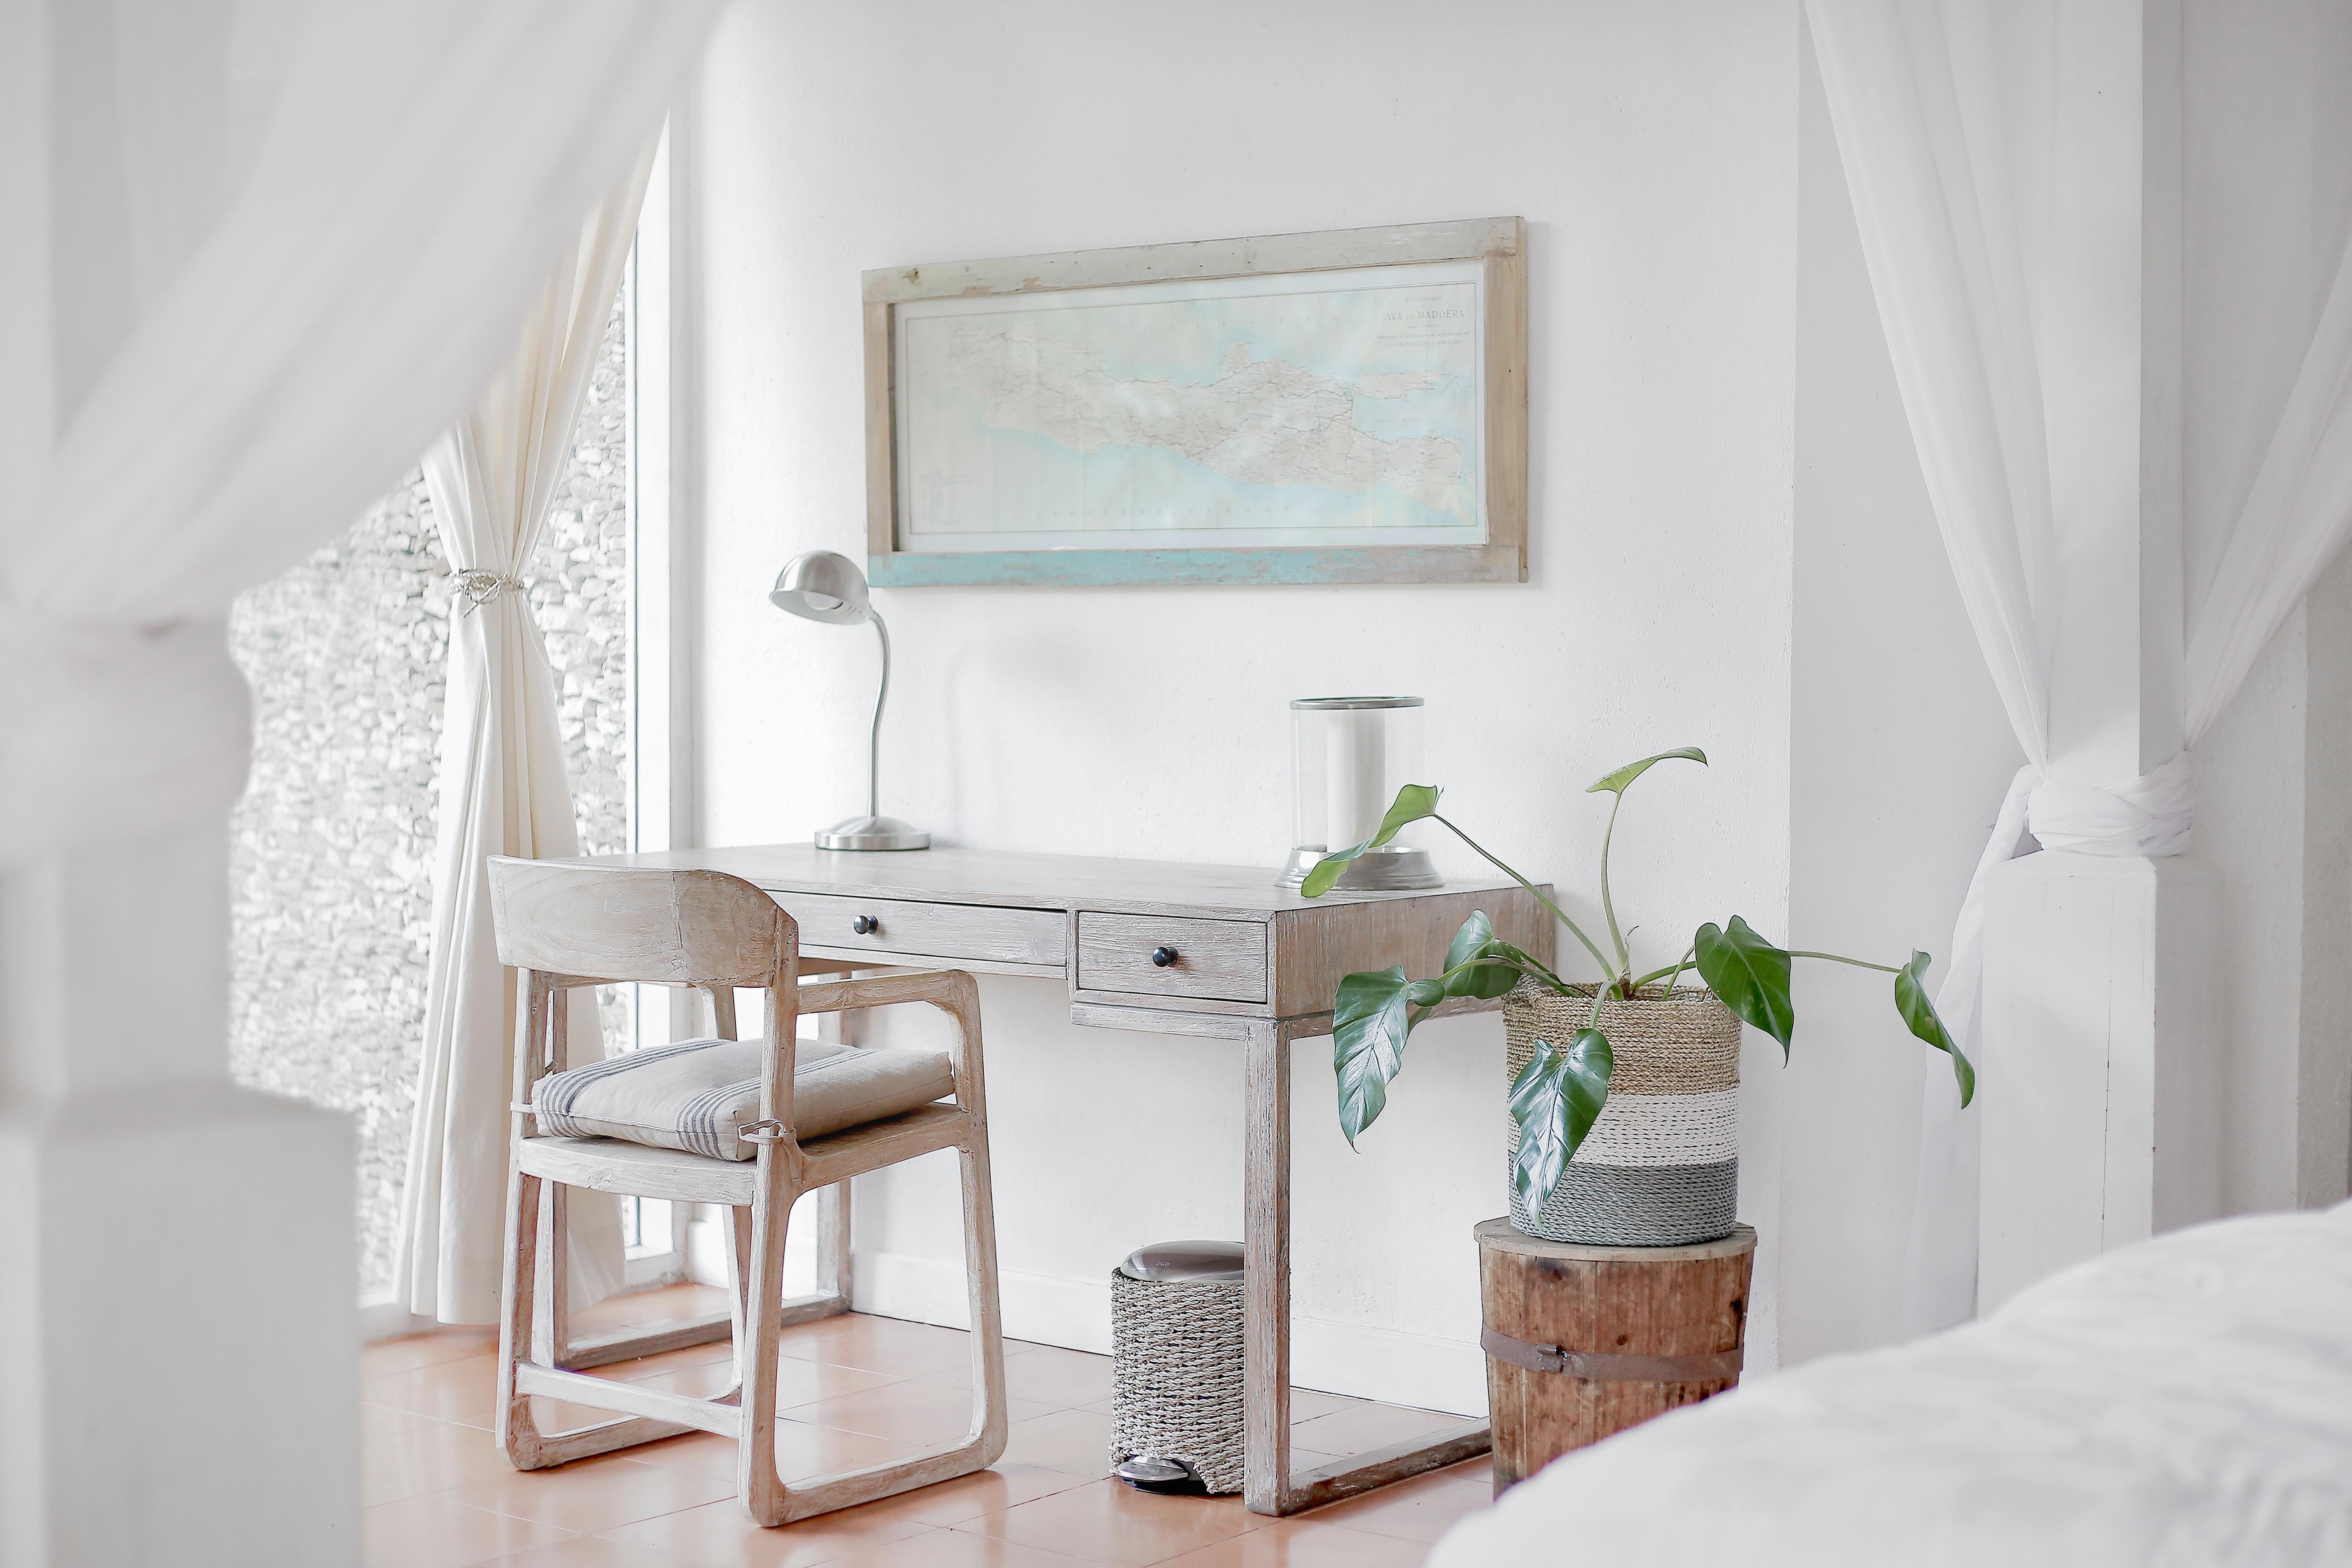 Comment redécorer sa chambre facilement